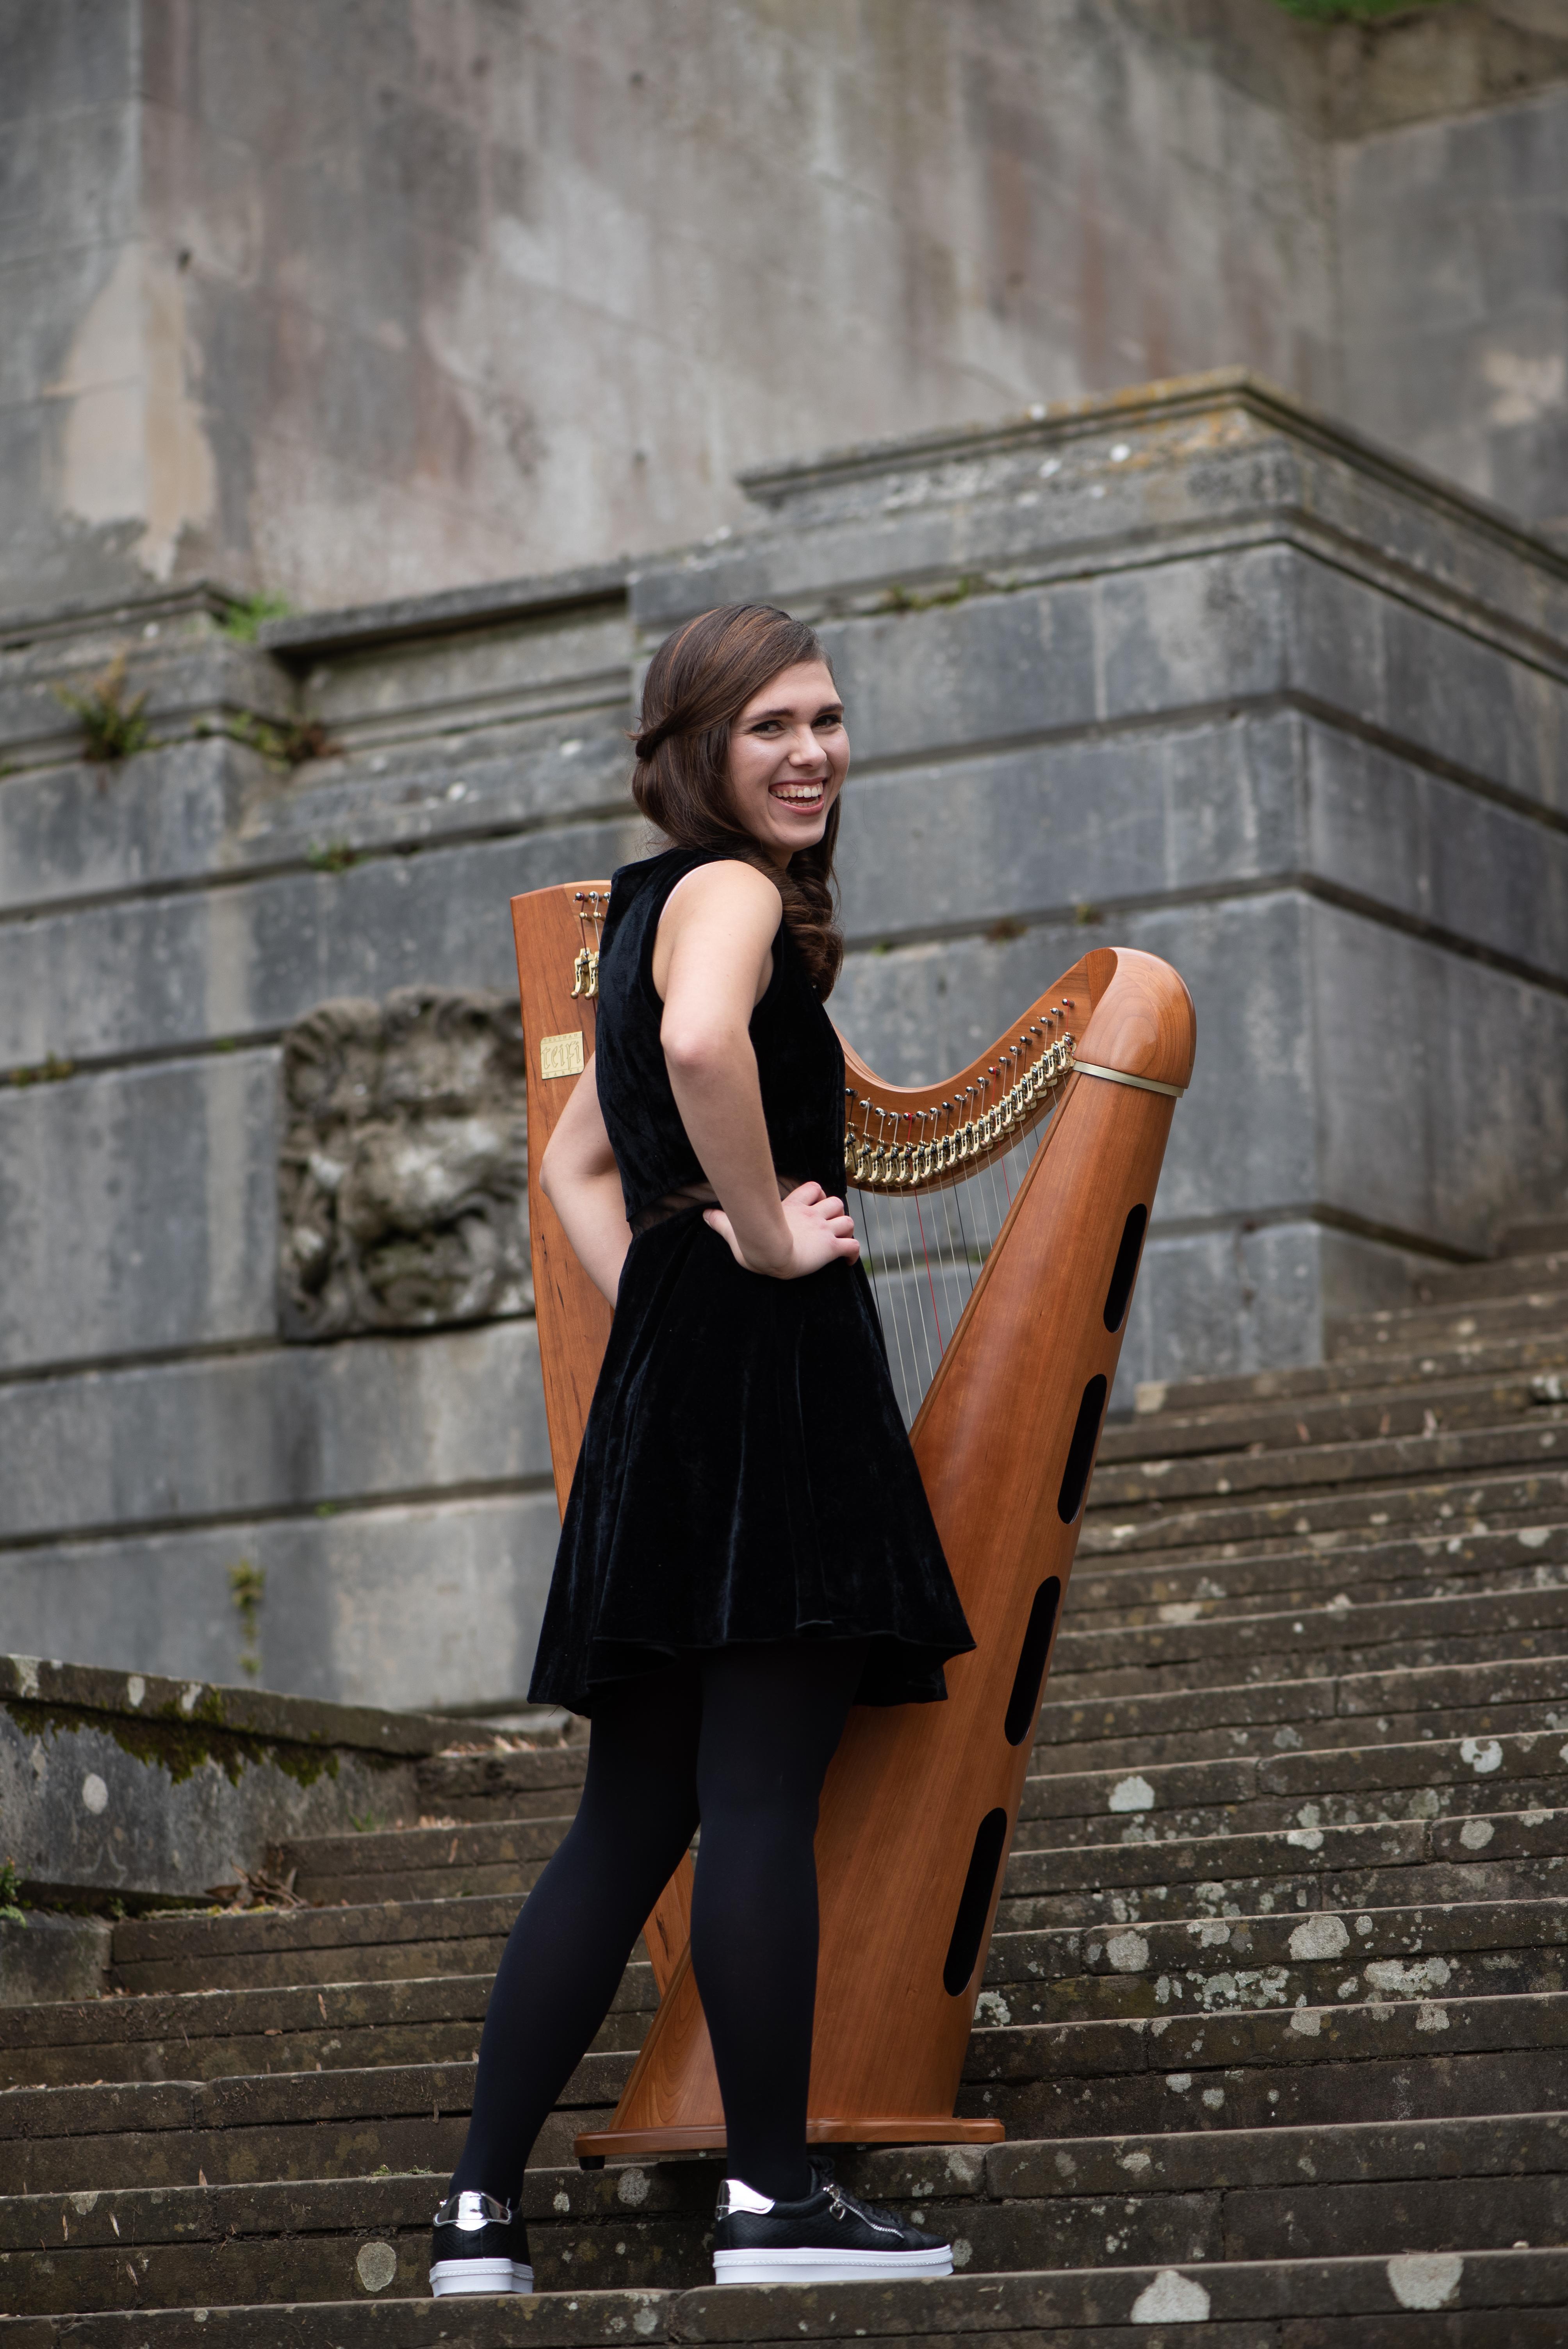 Adel, wedding harpist standing in front of harp